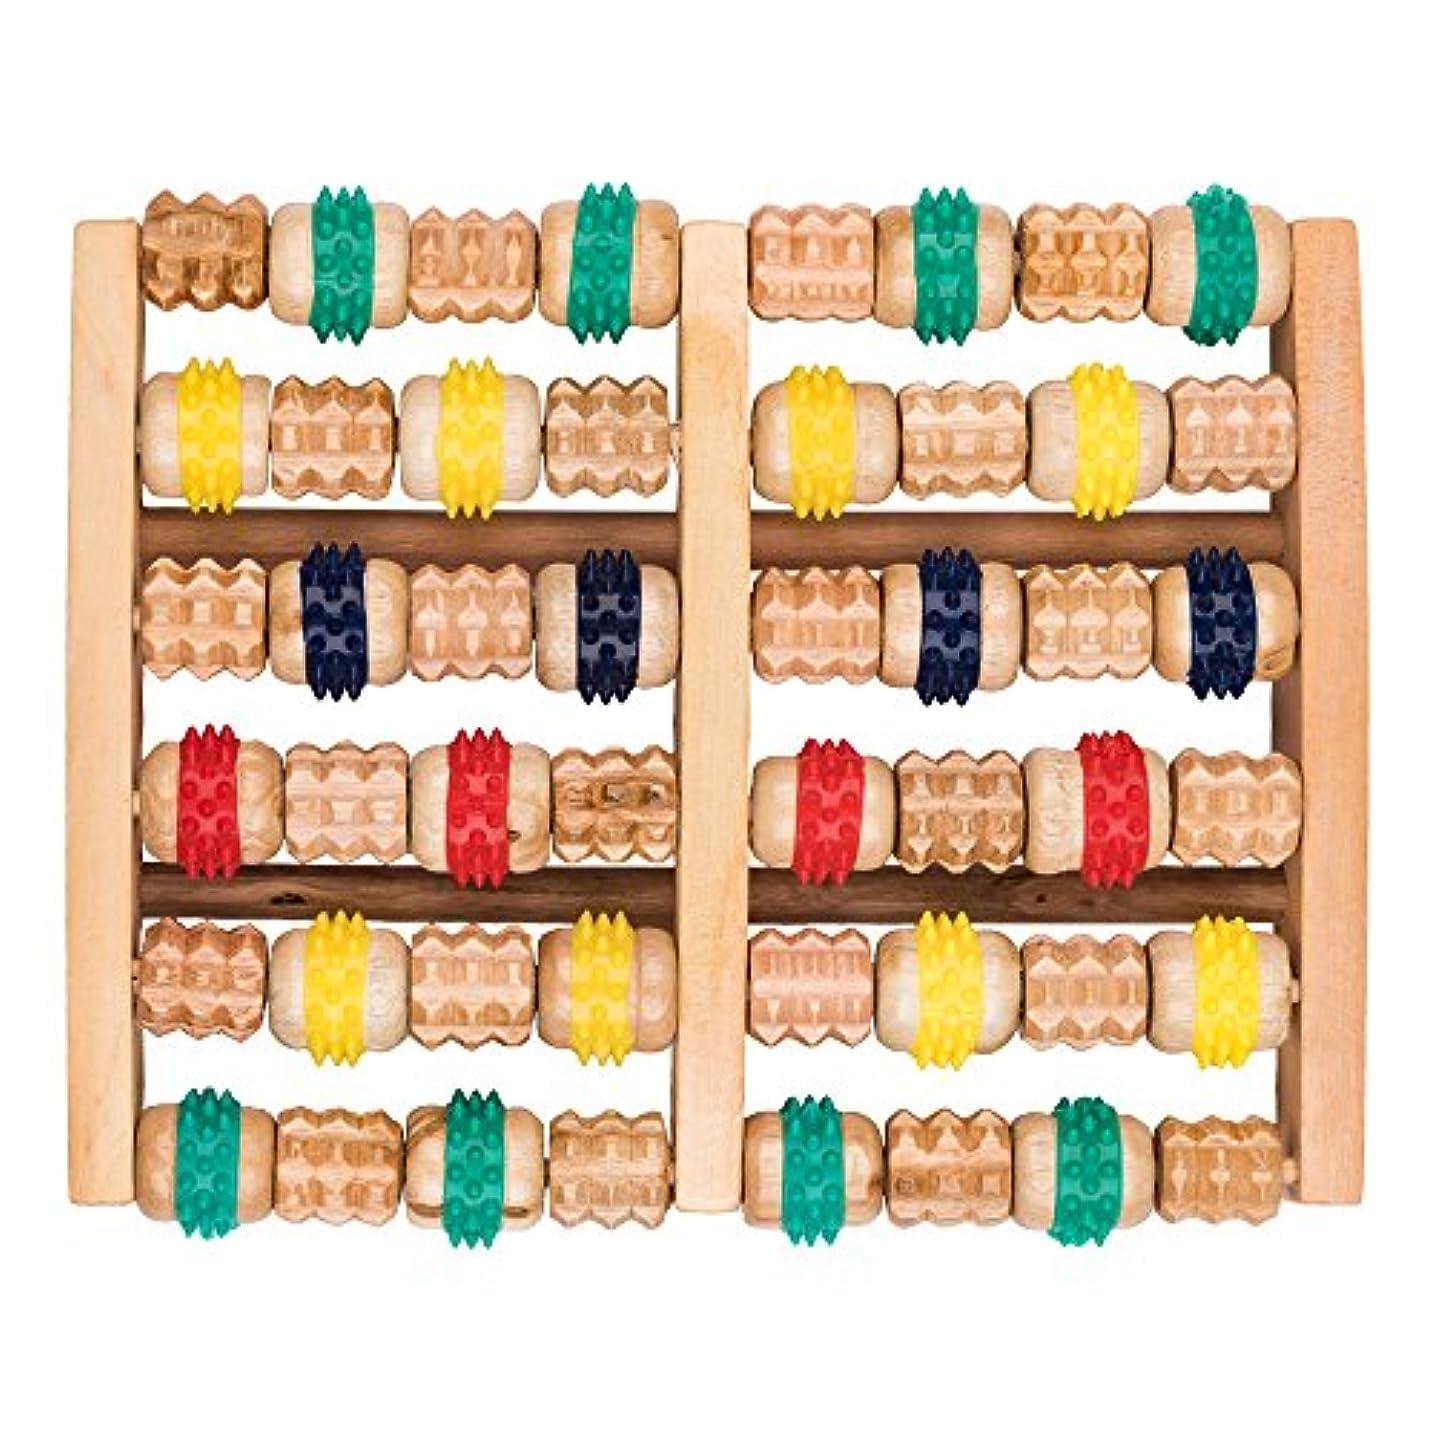 巻き取りワードローブ好意的竹マッサージャー 足底ポイントマッサージャー 天然木製カラー 6列足底マッサージャー フットミニマッサージャー 家庭用木製フットバスマッサージャー